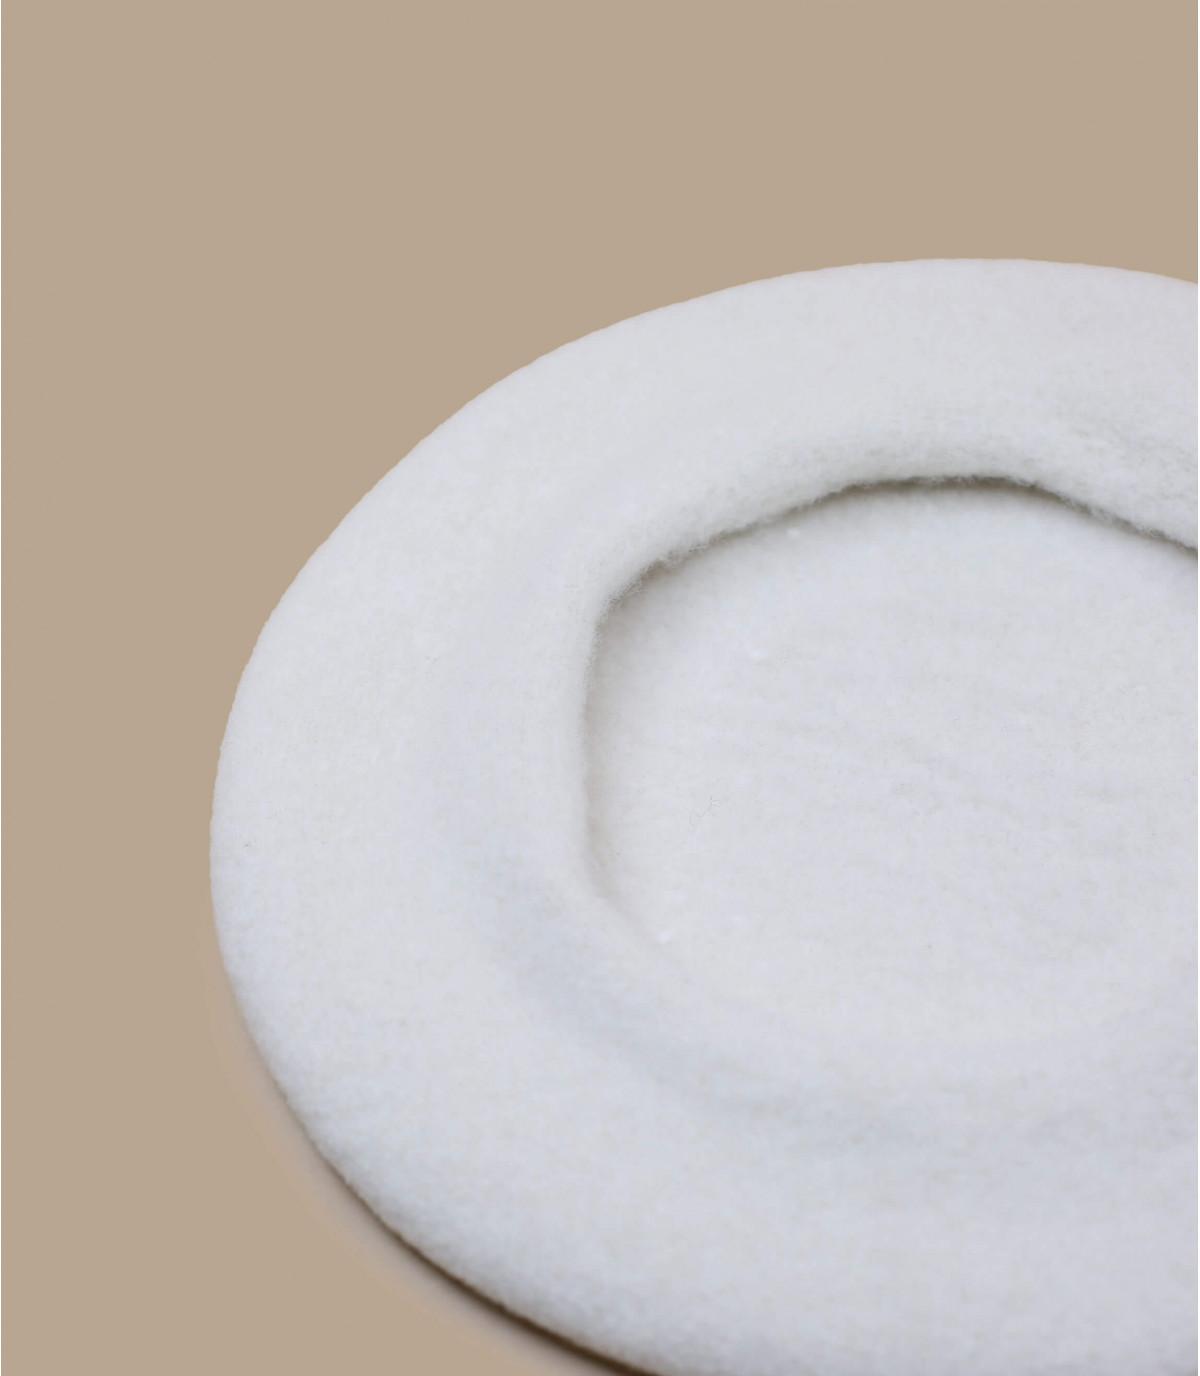 boina de lana blanca